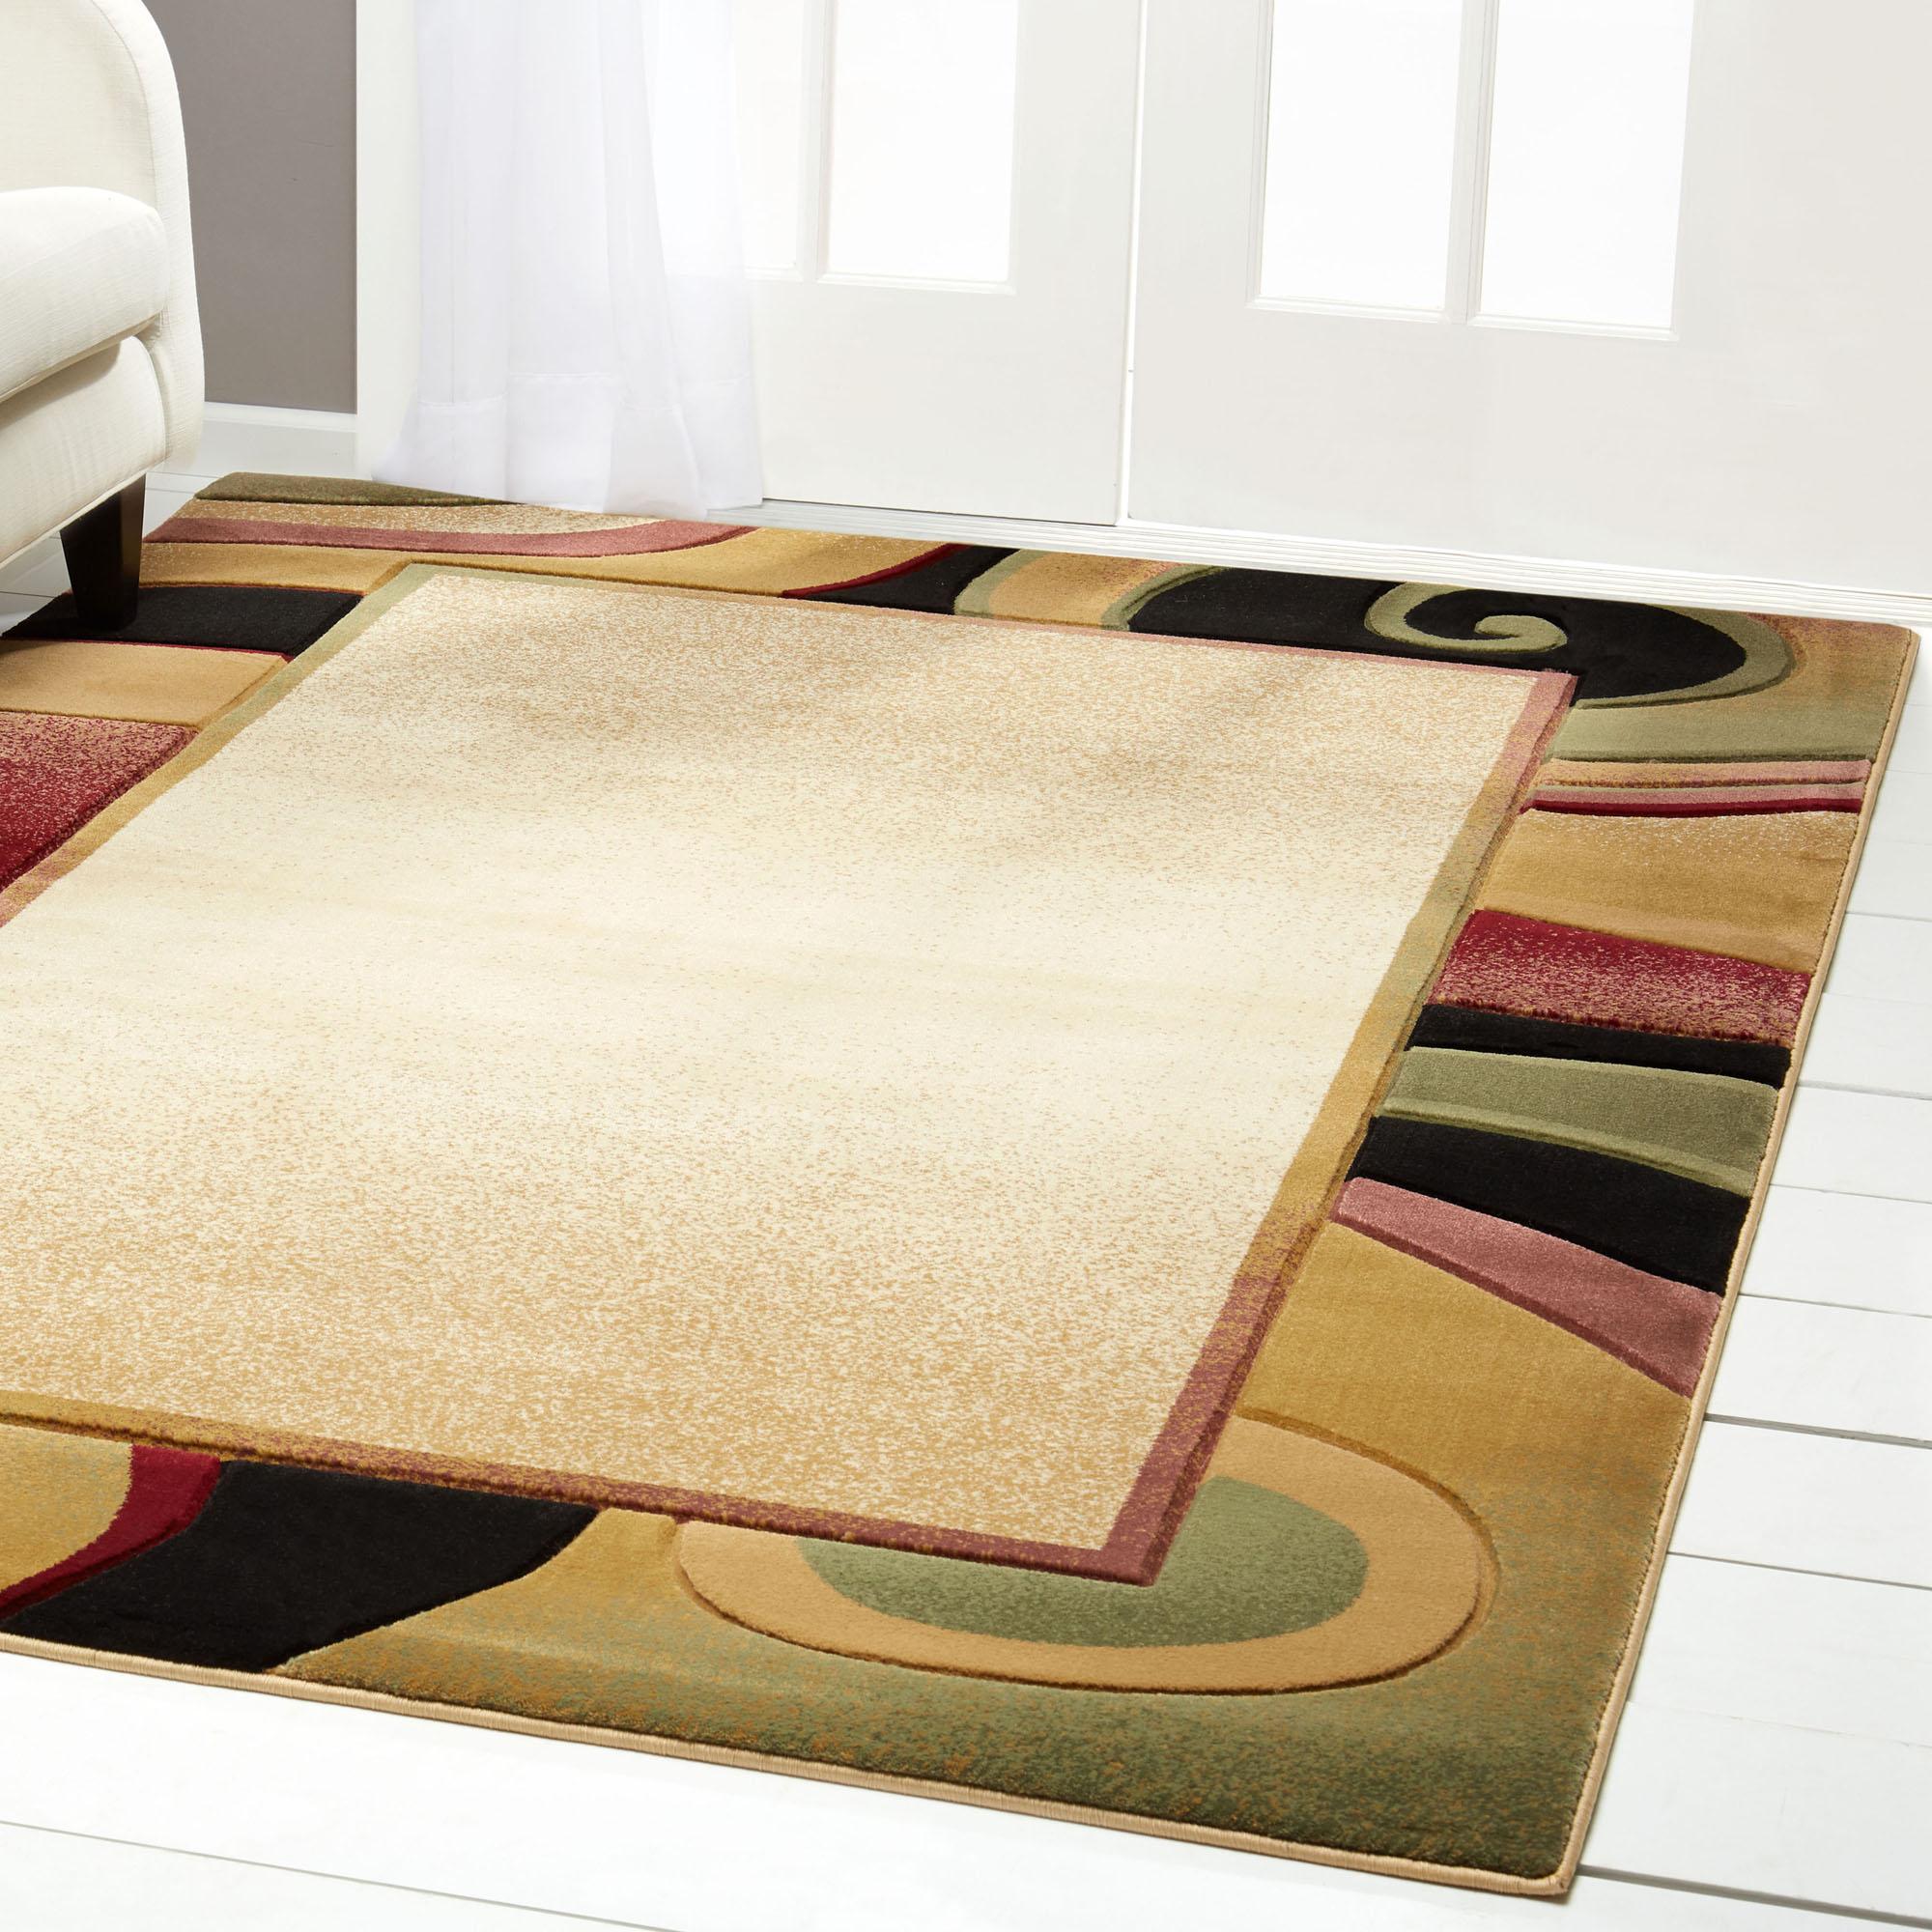 Asian Swirl Border Modern Area Rug 8x10 Contemporary Carpet Actual